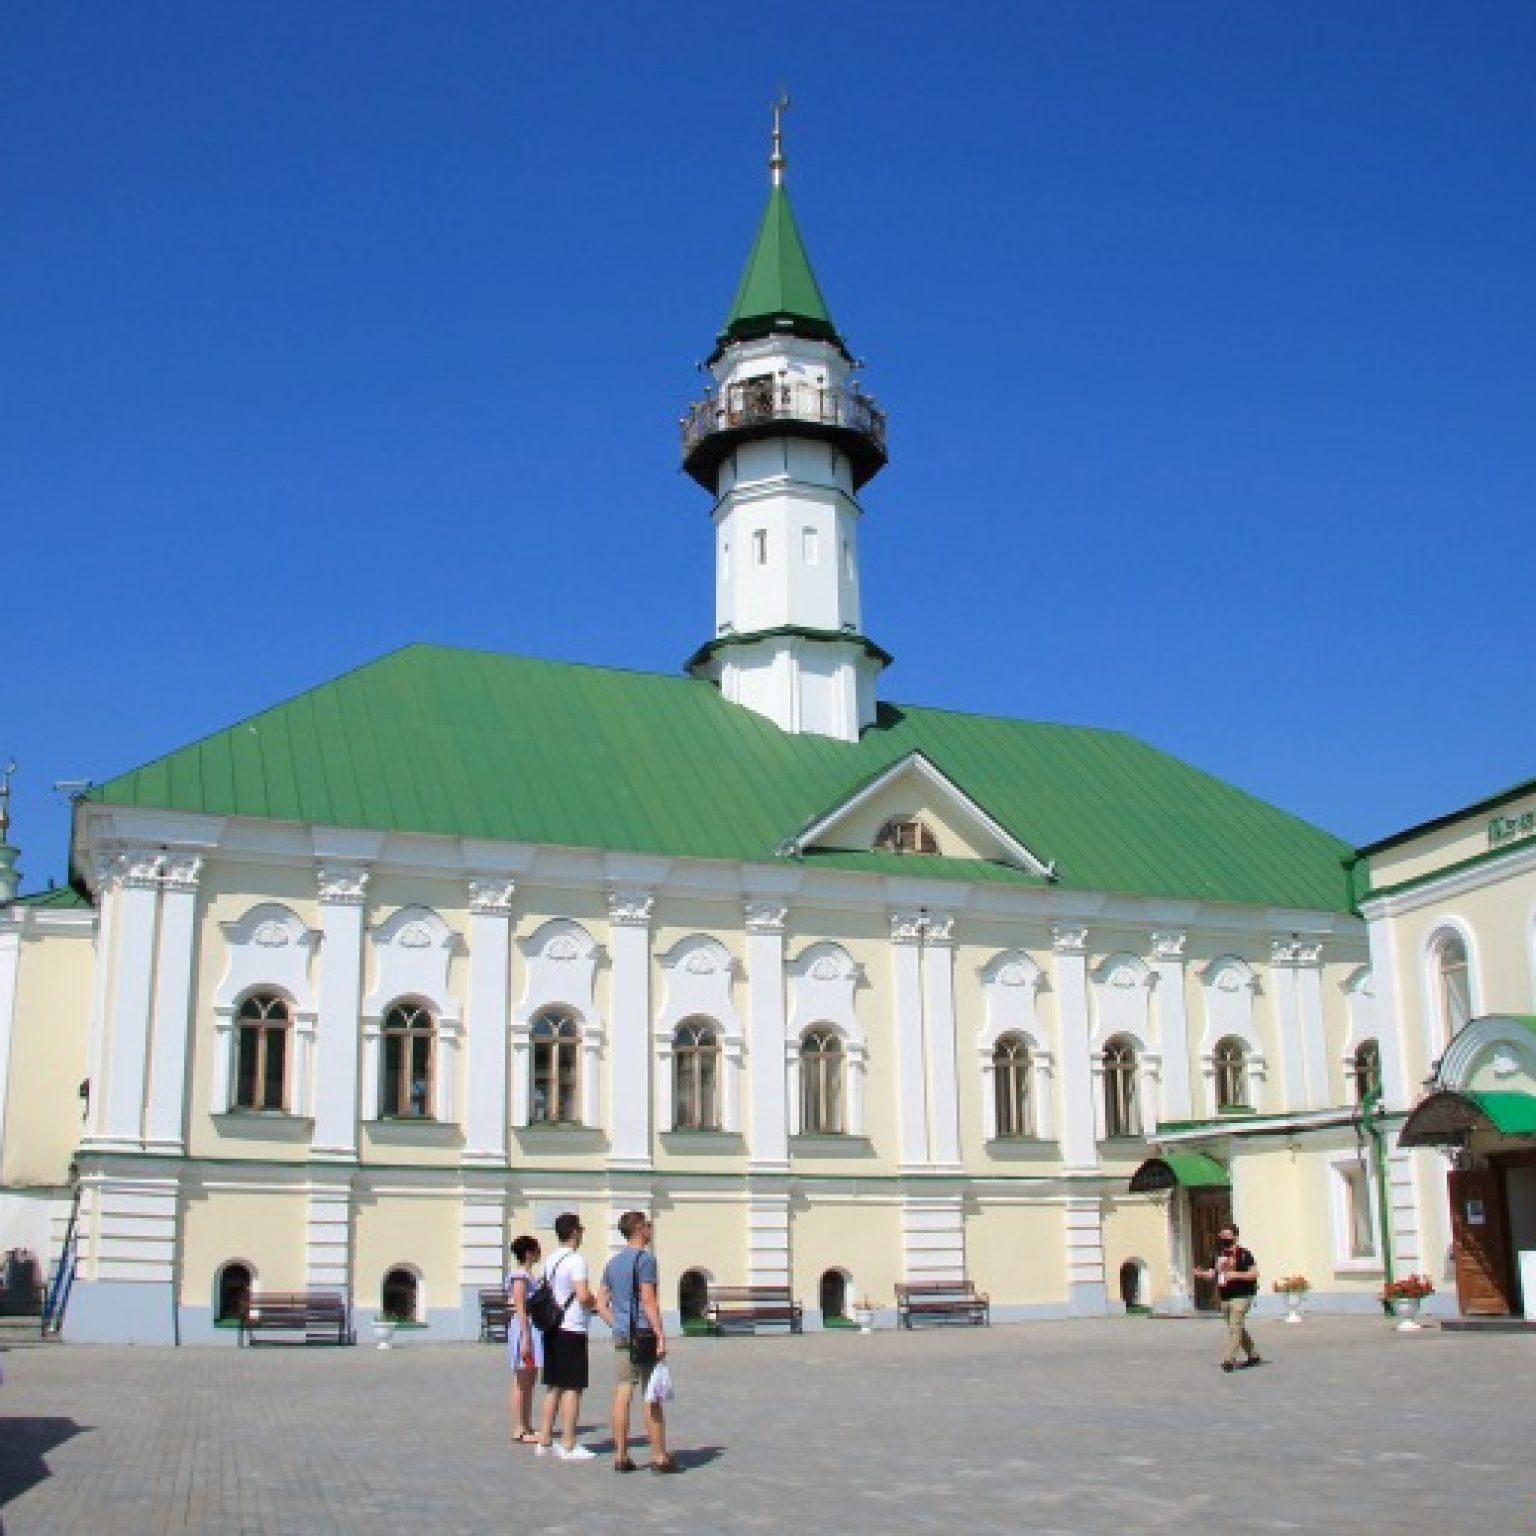 Достопримечательности Казани: мечеть Аль-Марджани